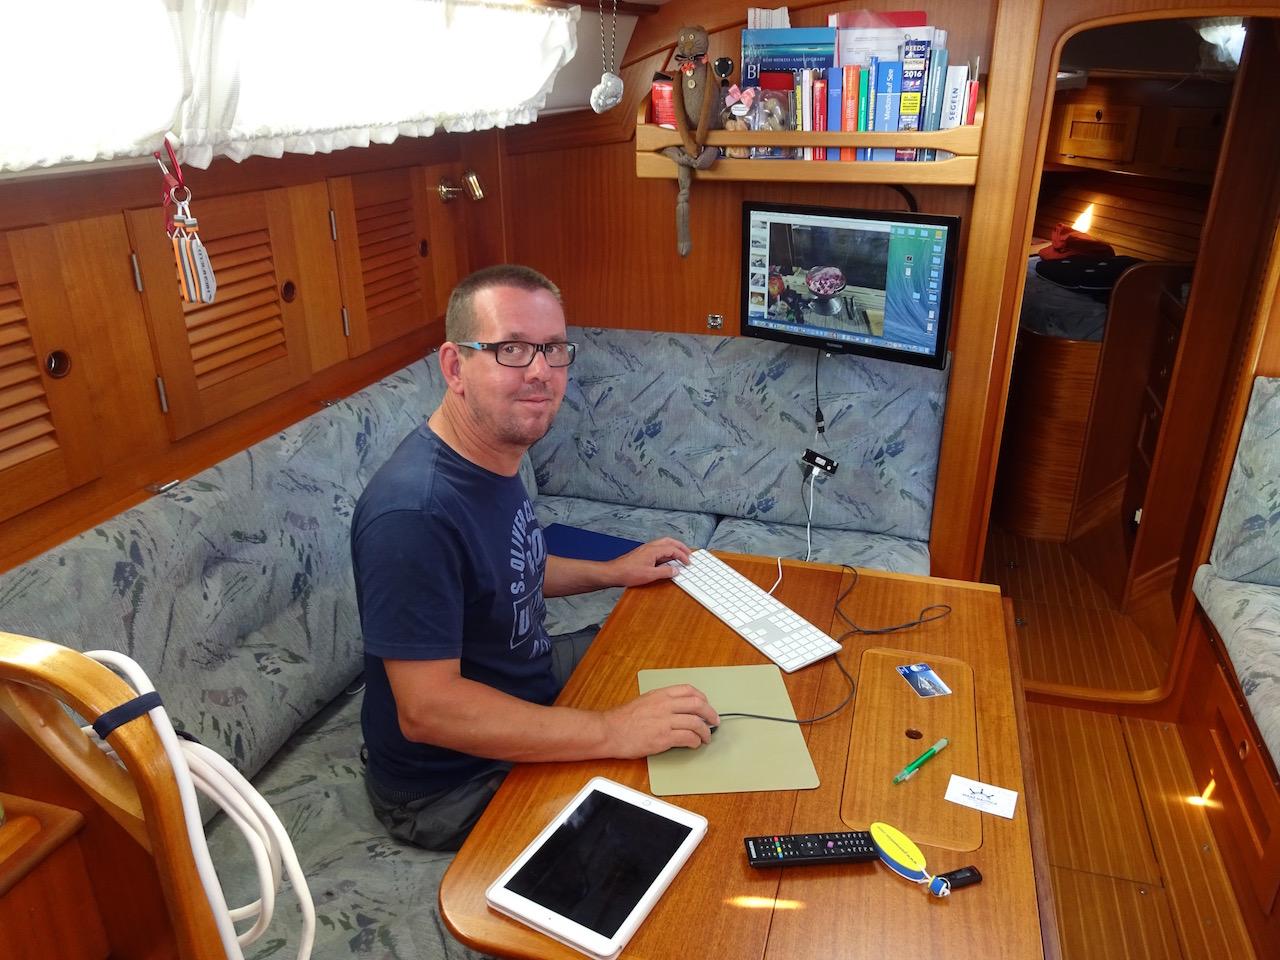 Büroarbeit - Bilder für den Blog zusammenstellen